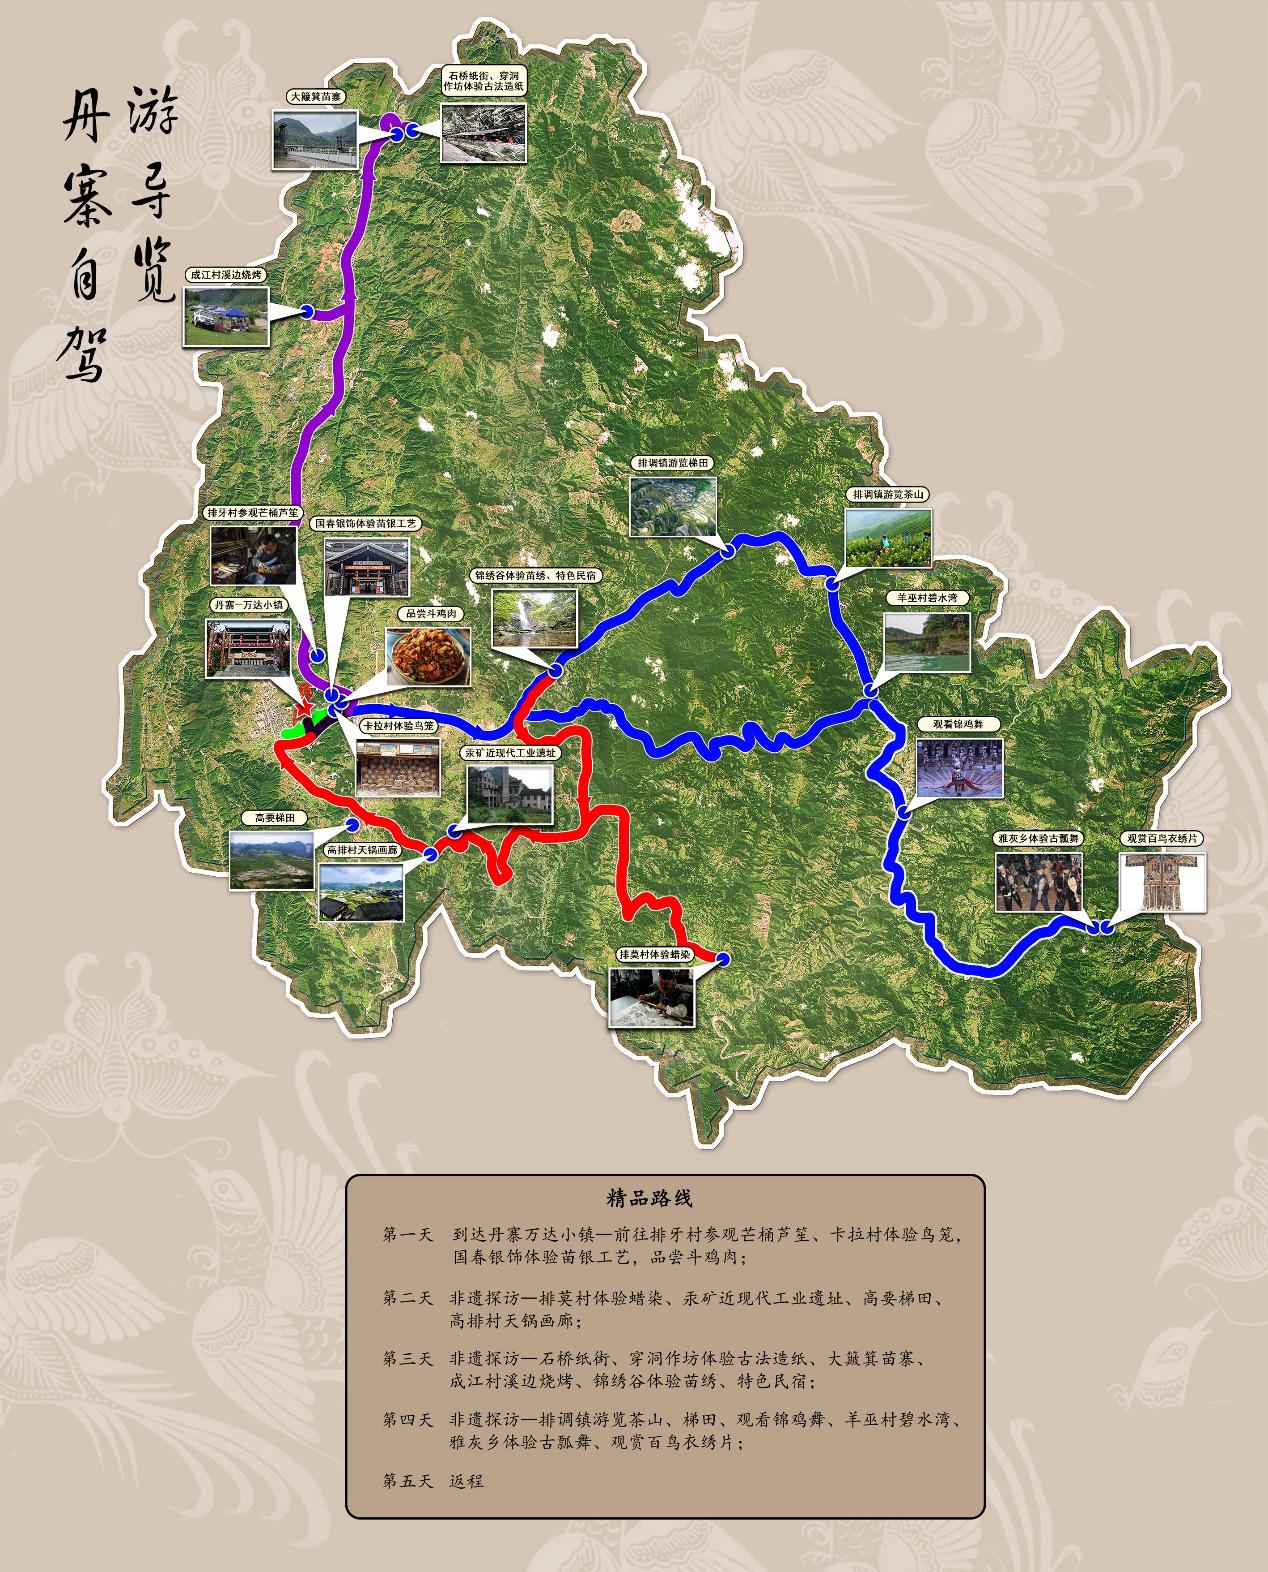 第二届中国丹寨非遗周闭幕 黔东南最美非遗自驾游精品线路发布